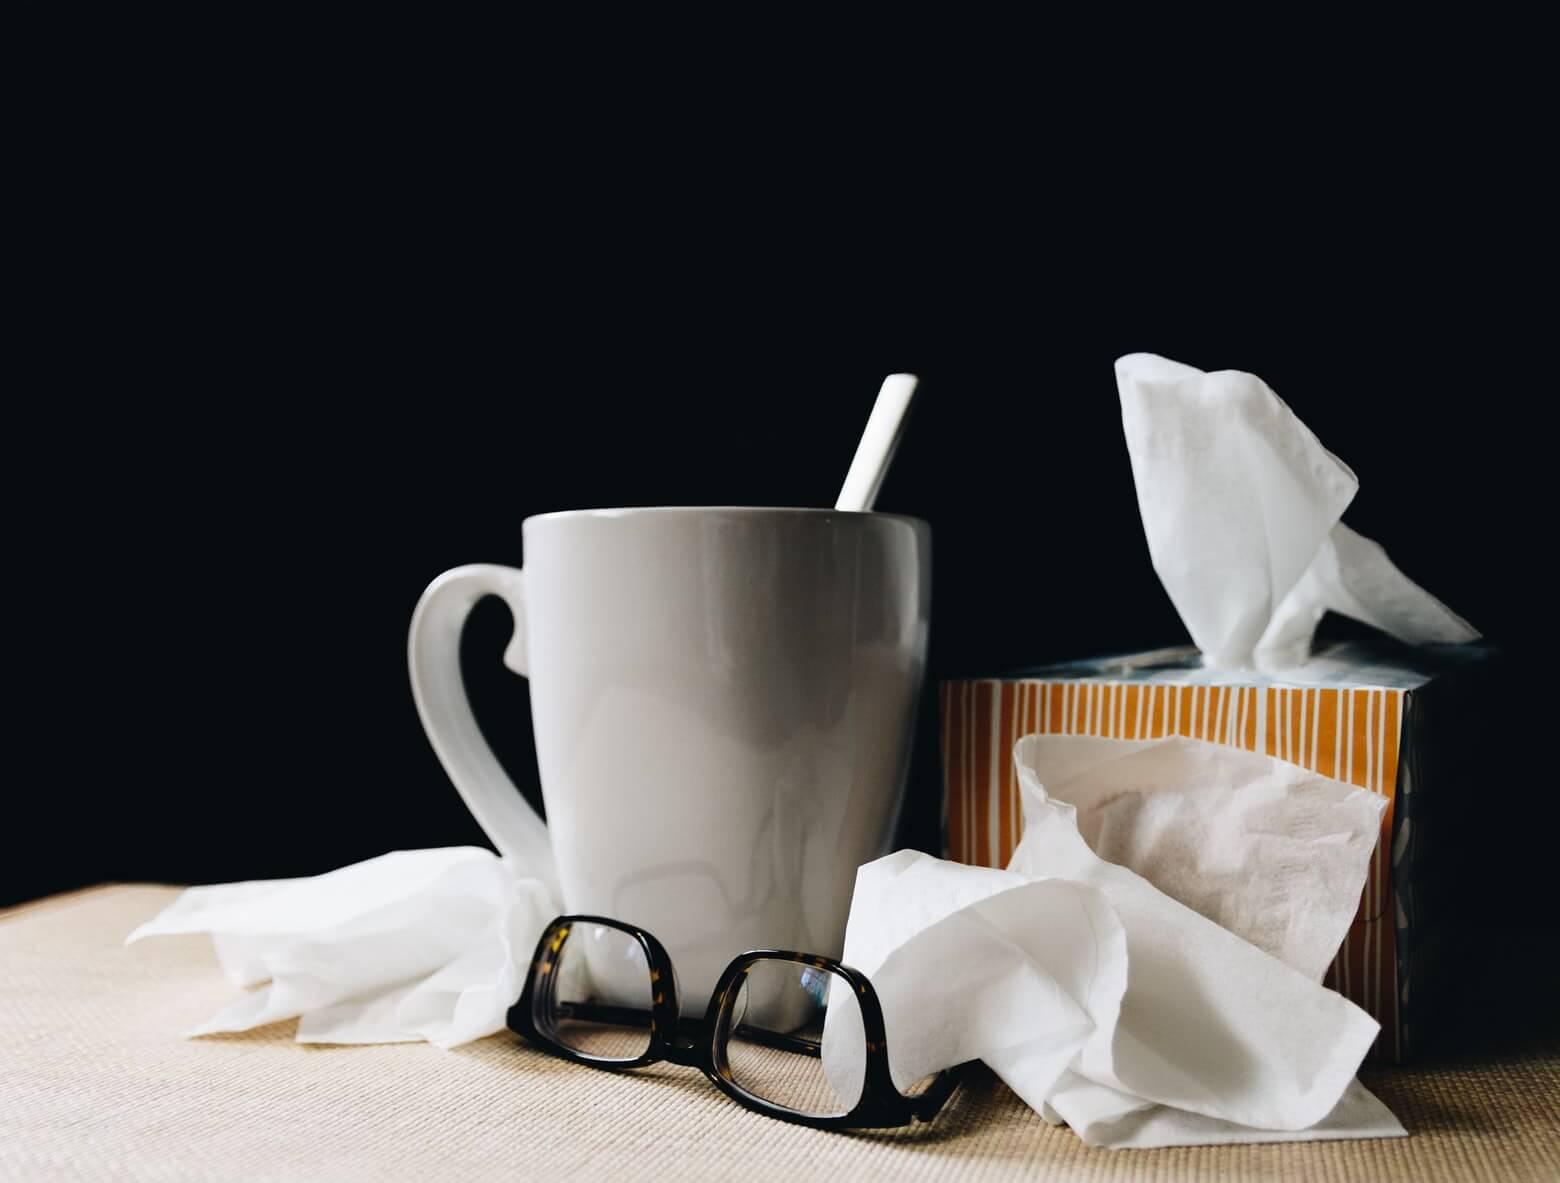 Što napraviti ako mislite da imate koronavirus? Nikako ne ići u hitnu!